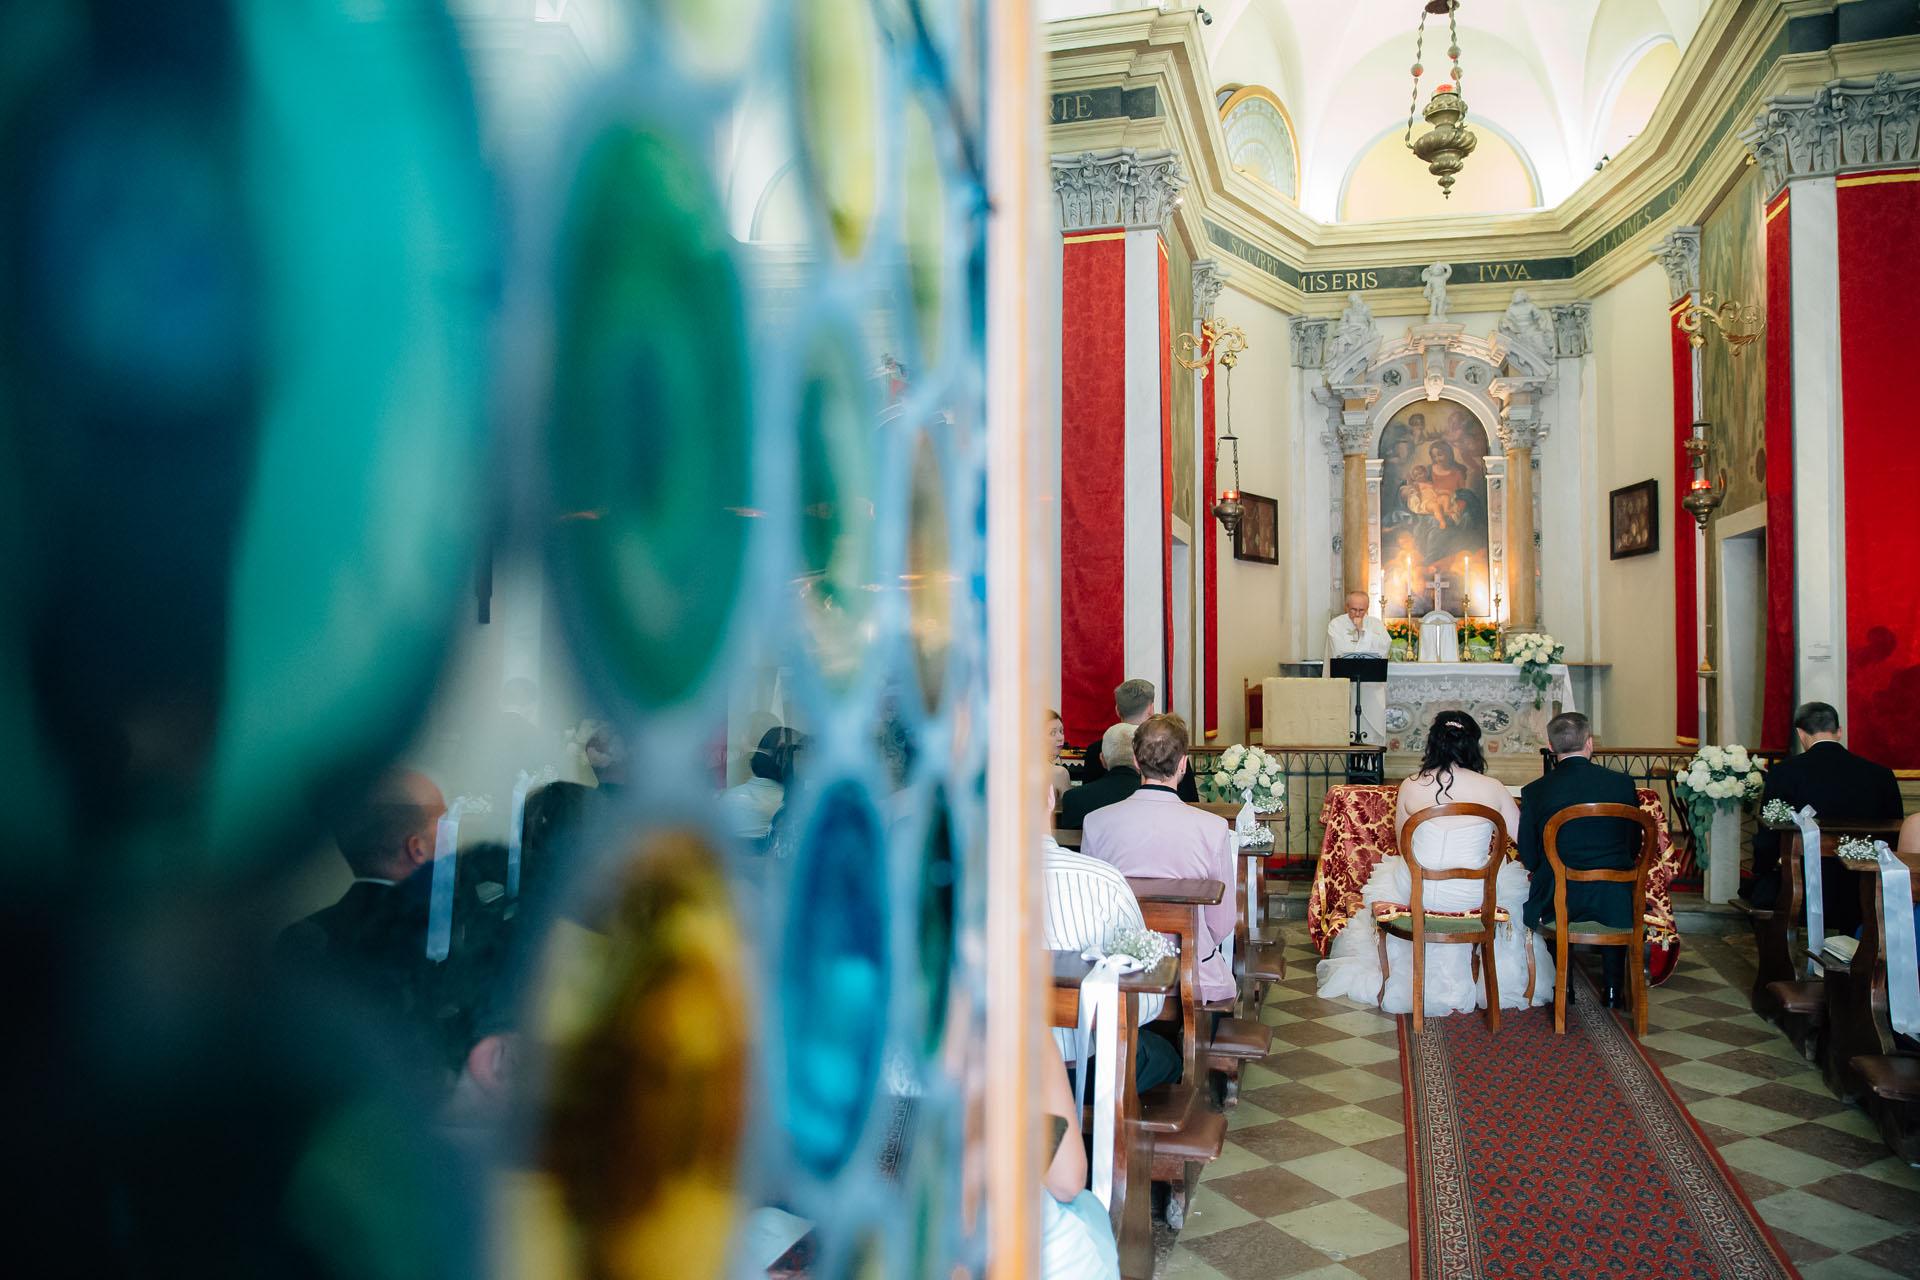 Jessica-Jason-Weddingdestination-Storytelling-Renato-Zanette-Fotografo-Convento-San-Francesco-Conegliano-Treviso-Veneto-Chiesa-Madonna-Della-Salute